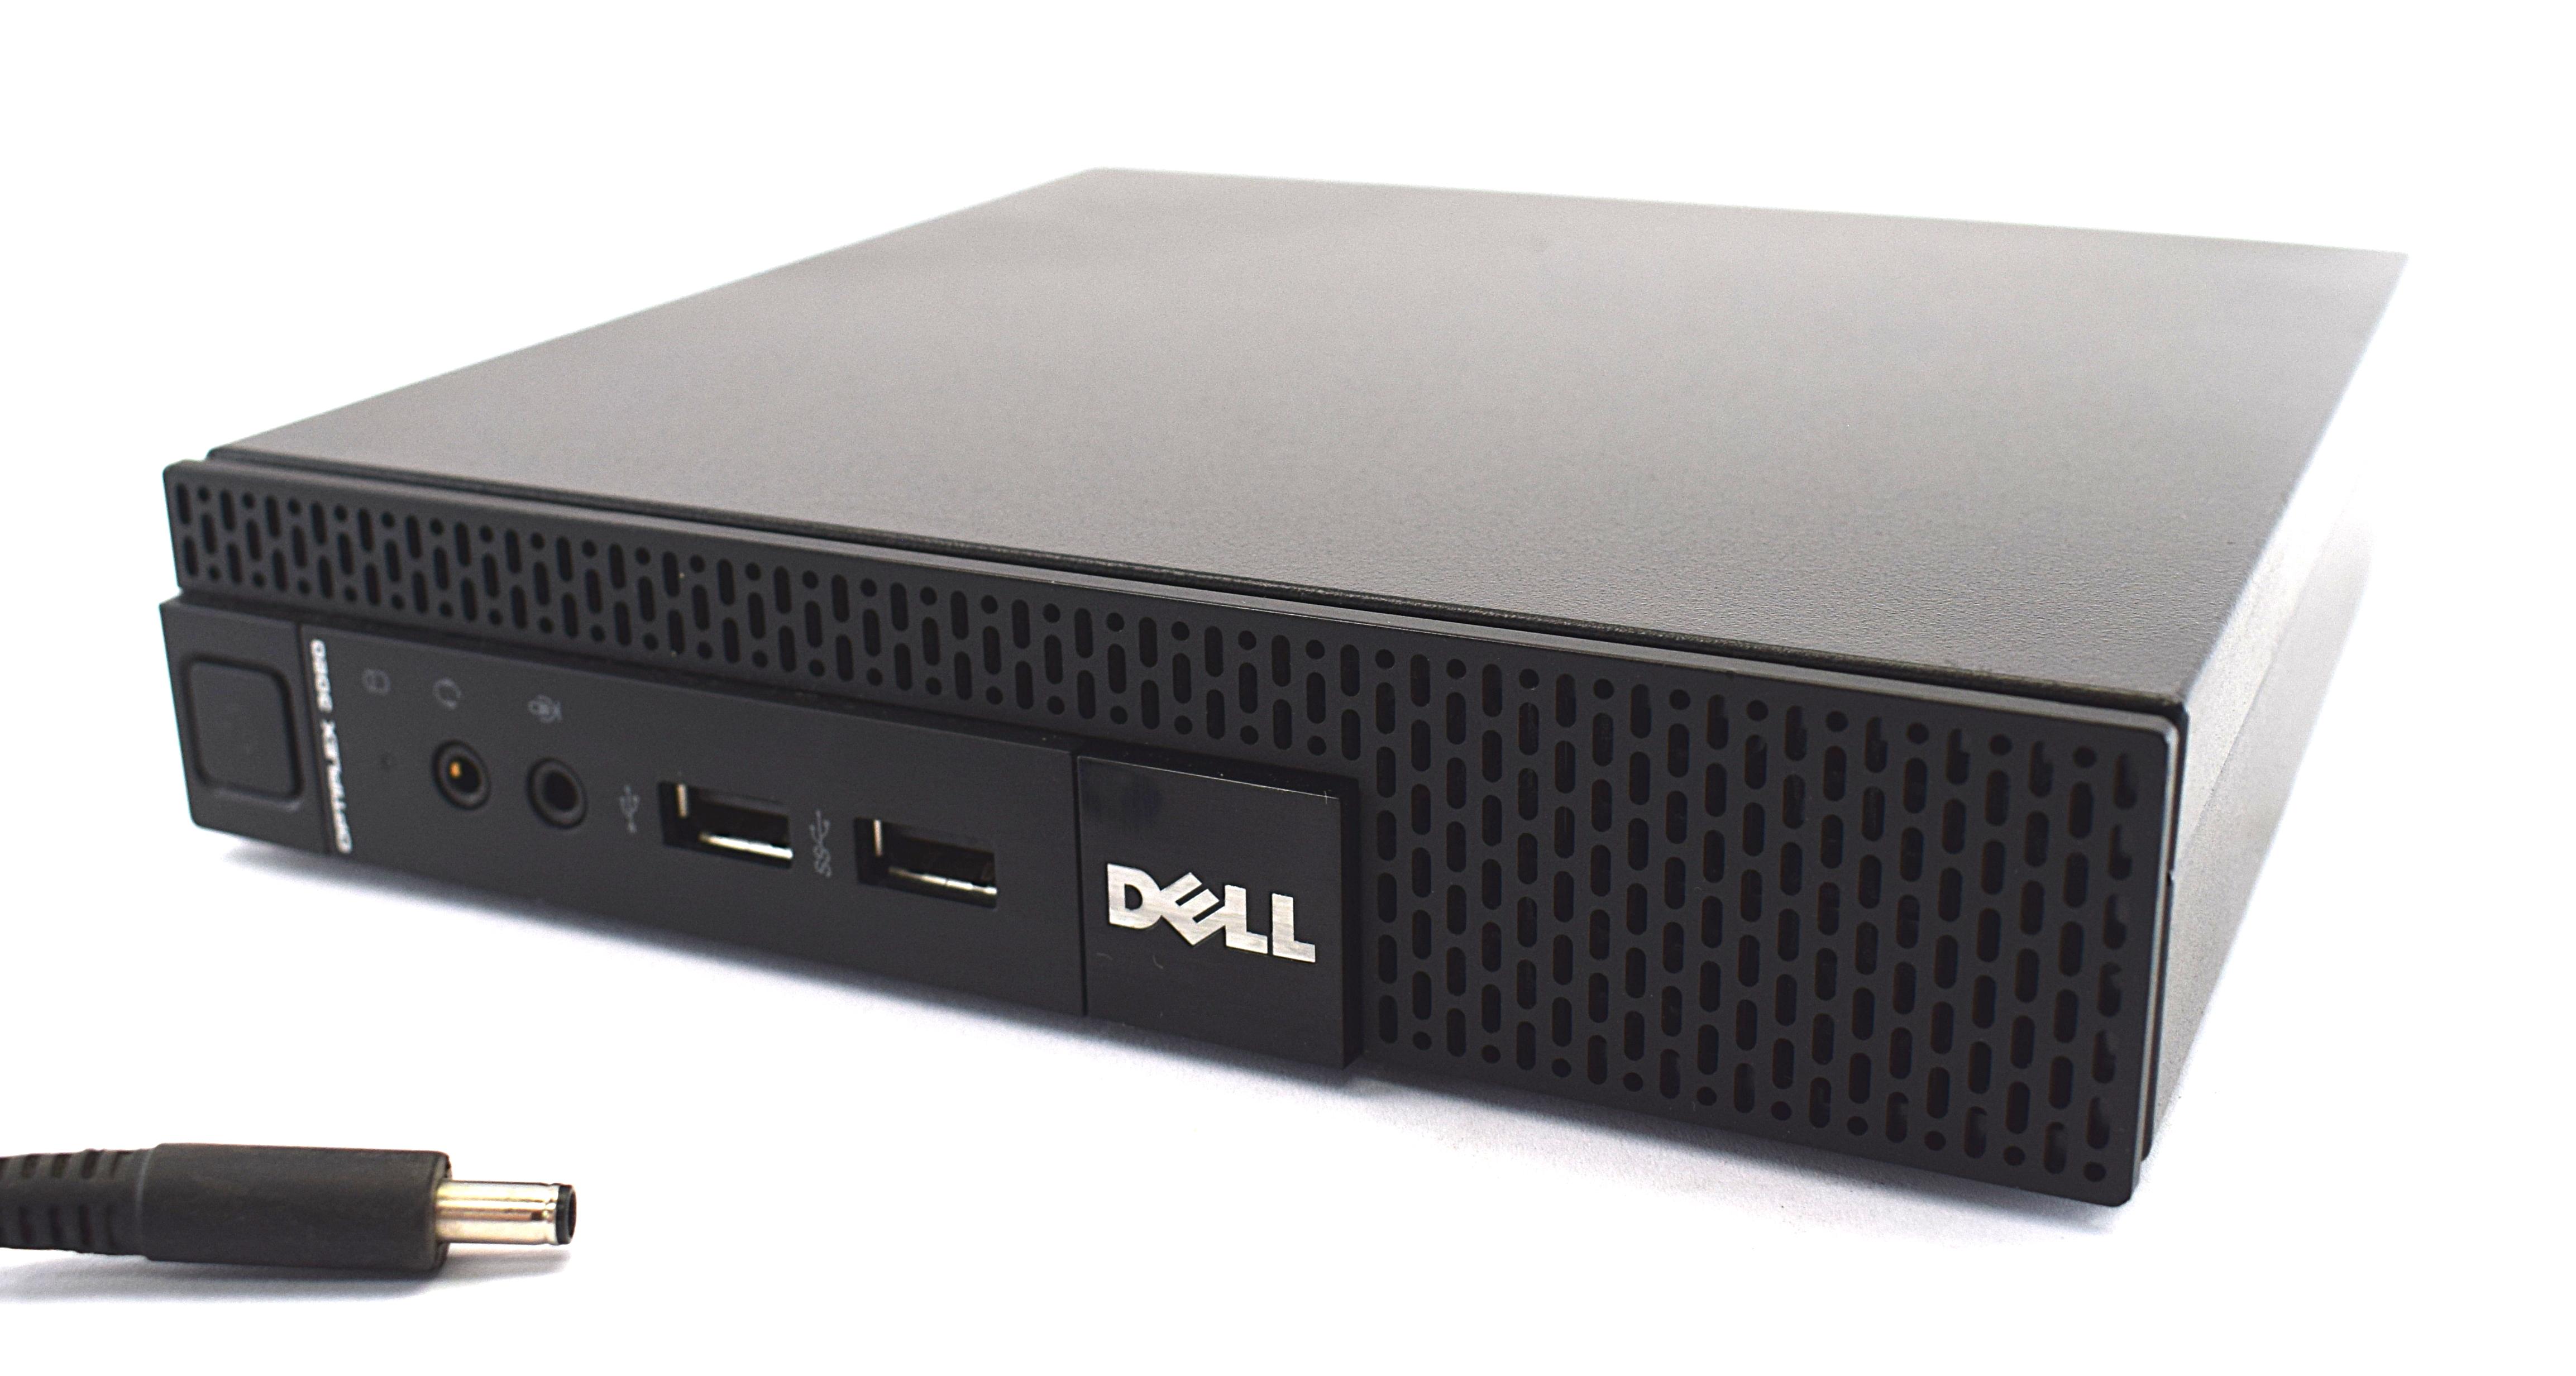 Dell OptiPlex 3020 Micro PC Intel Pentium G3250T 4GB RAM 128GB SSD Windows 10